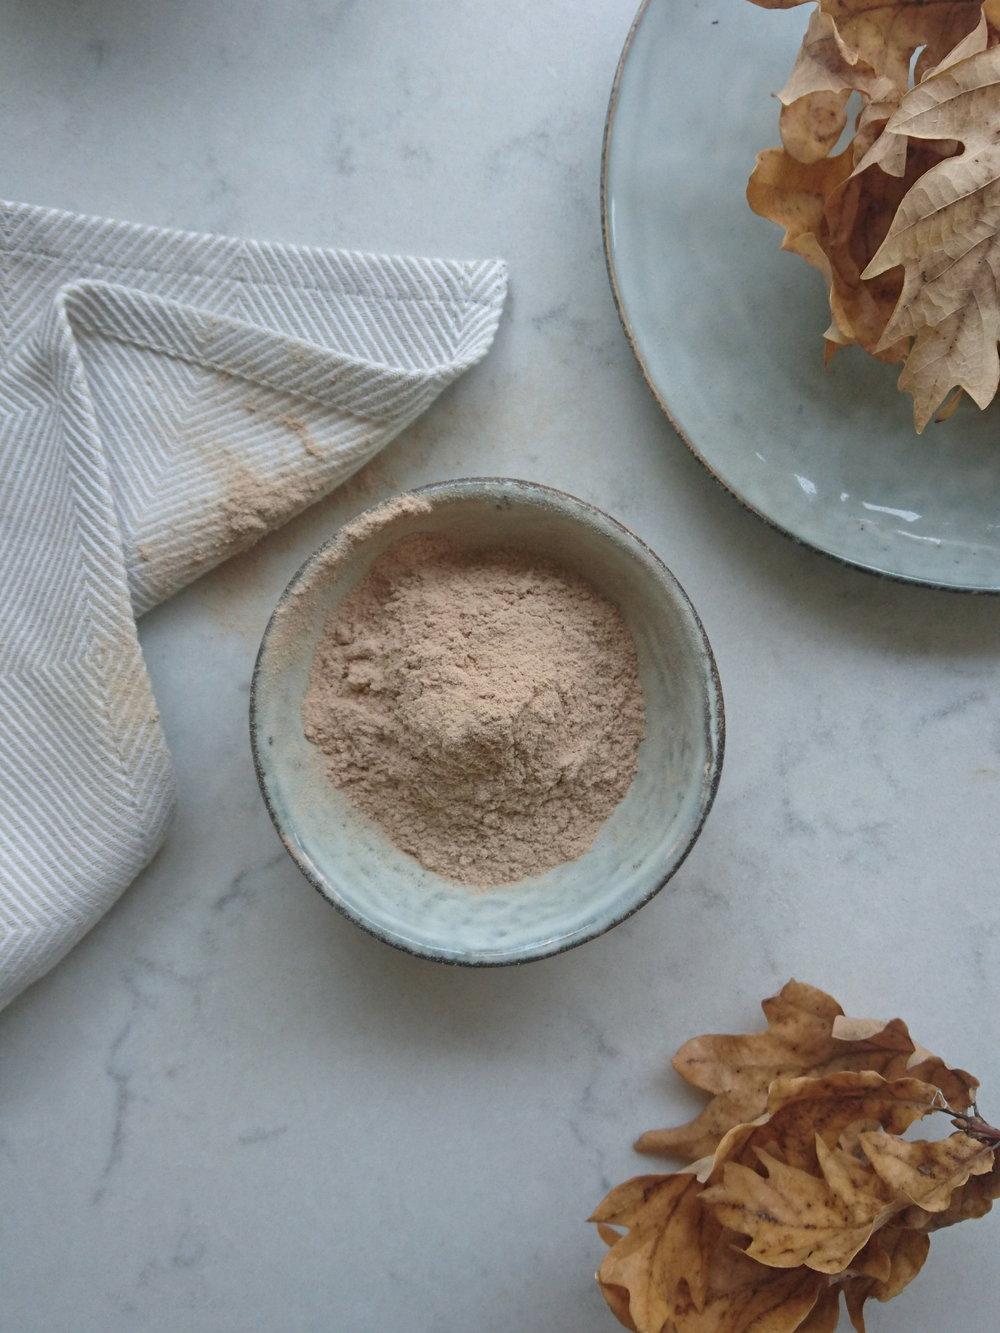 Ulmus fulva (Slippery elm Powder)